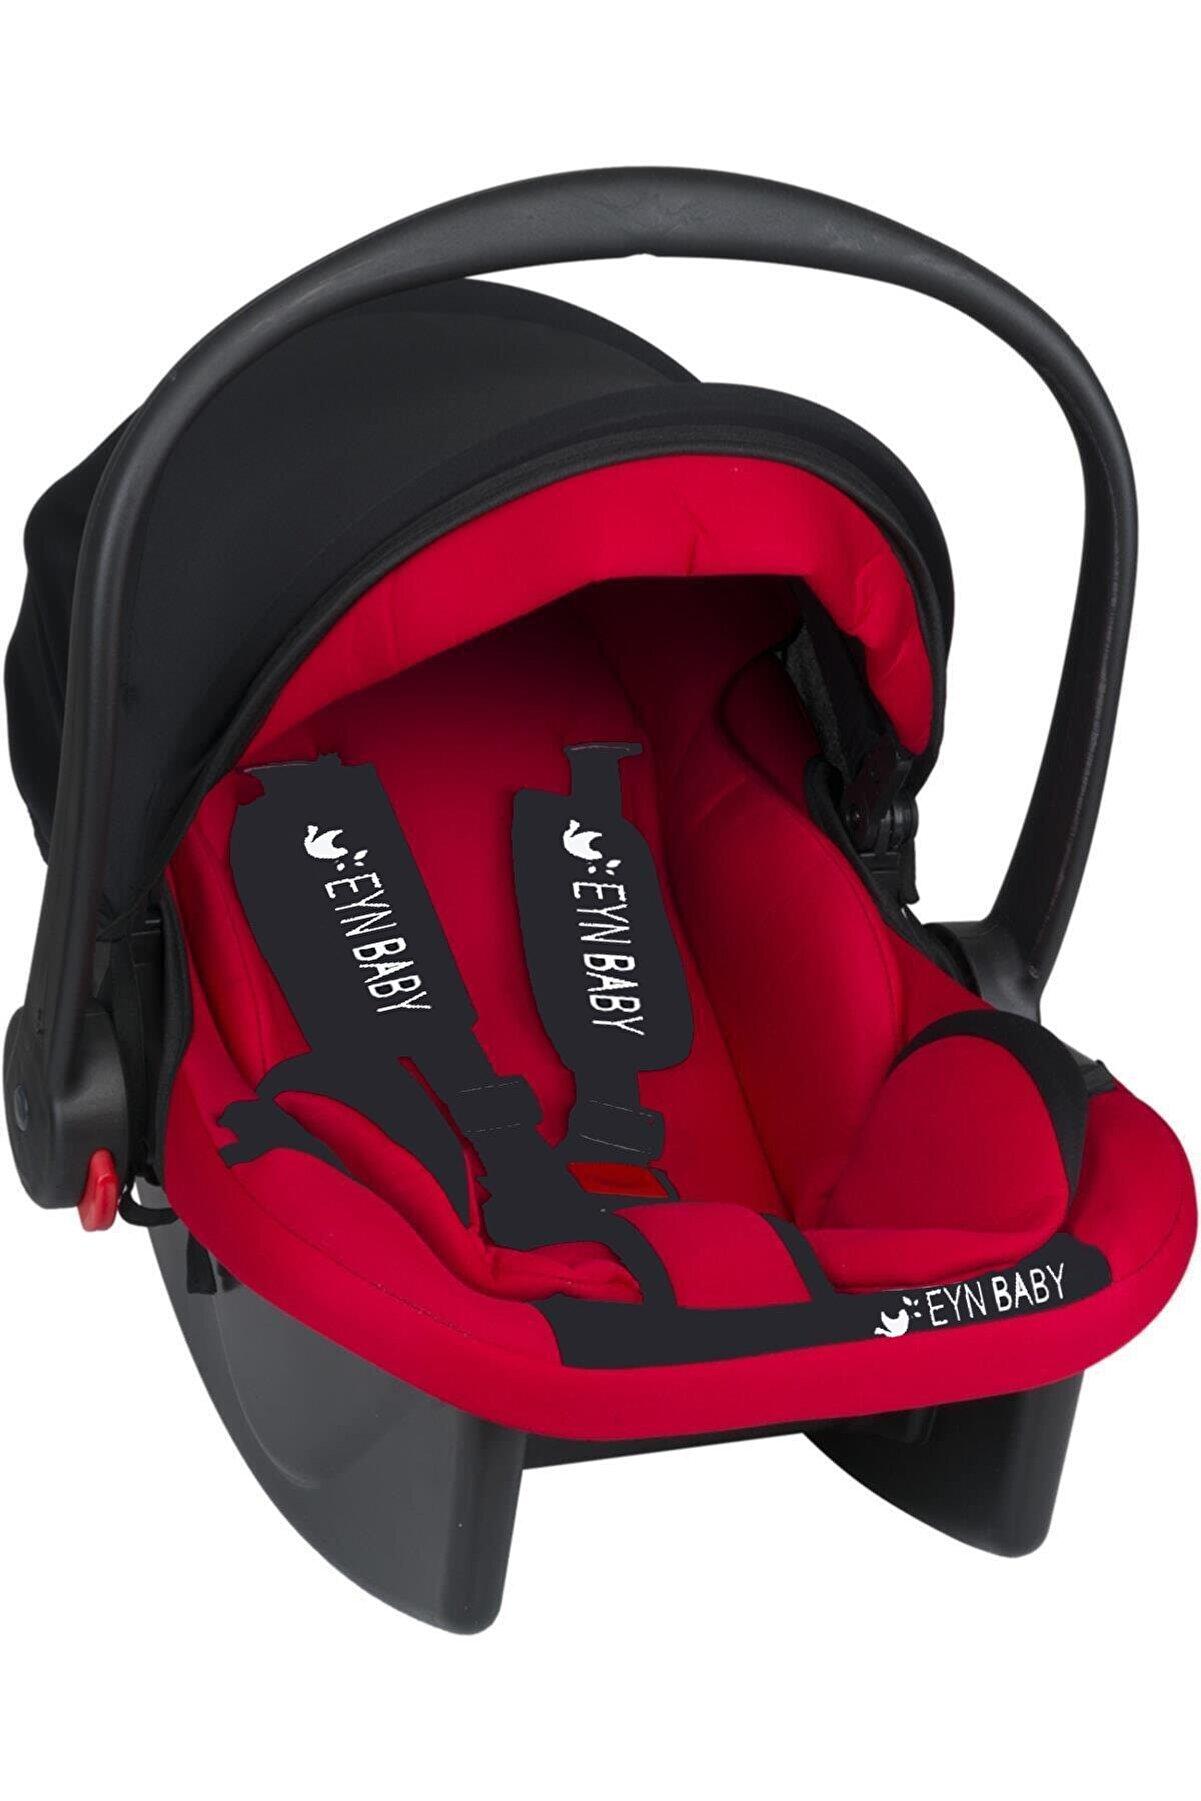 eynbaby Lüx Pedli Bebek Puset Taşıma Bebek Oto Koltuğu Puset, Ana Kucağı Kırmızı